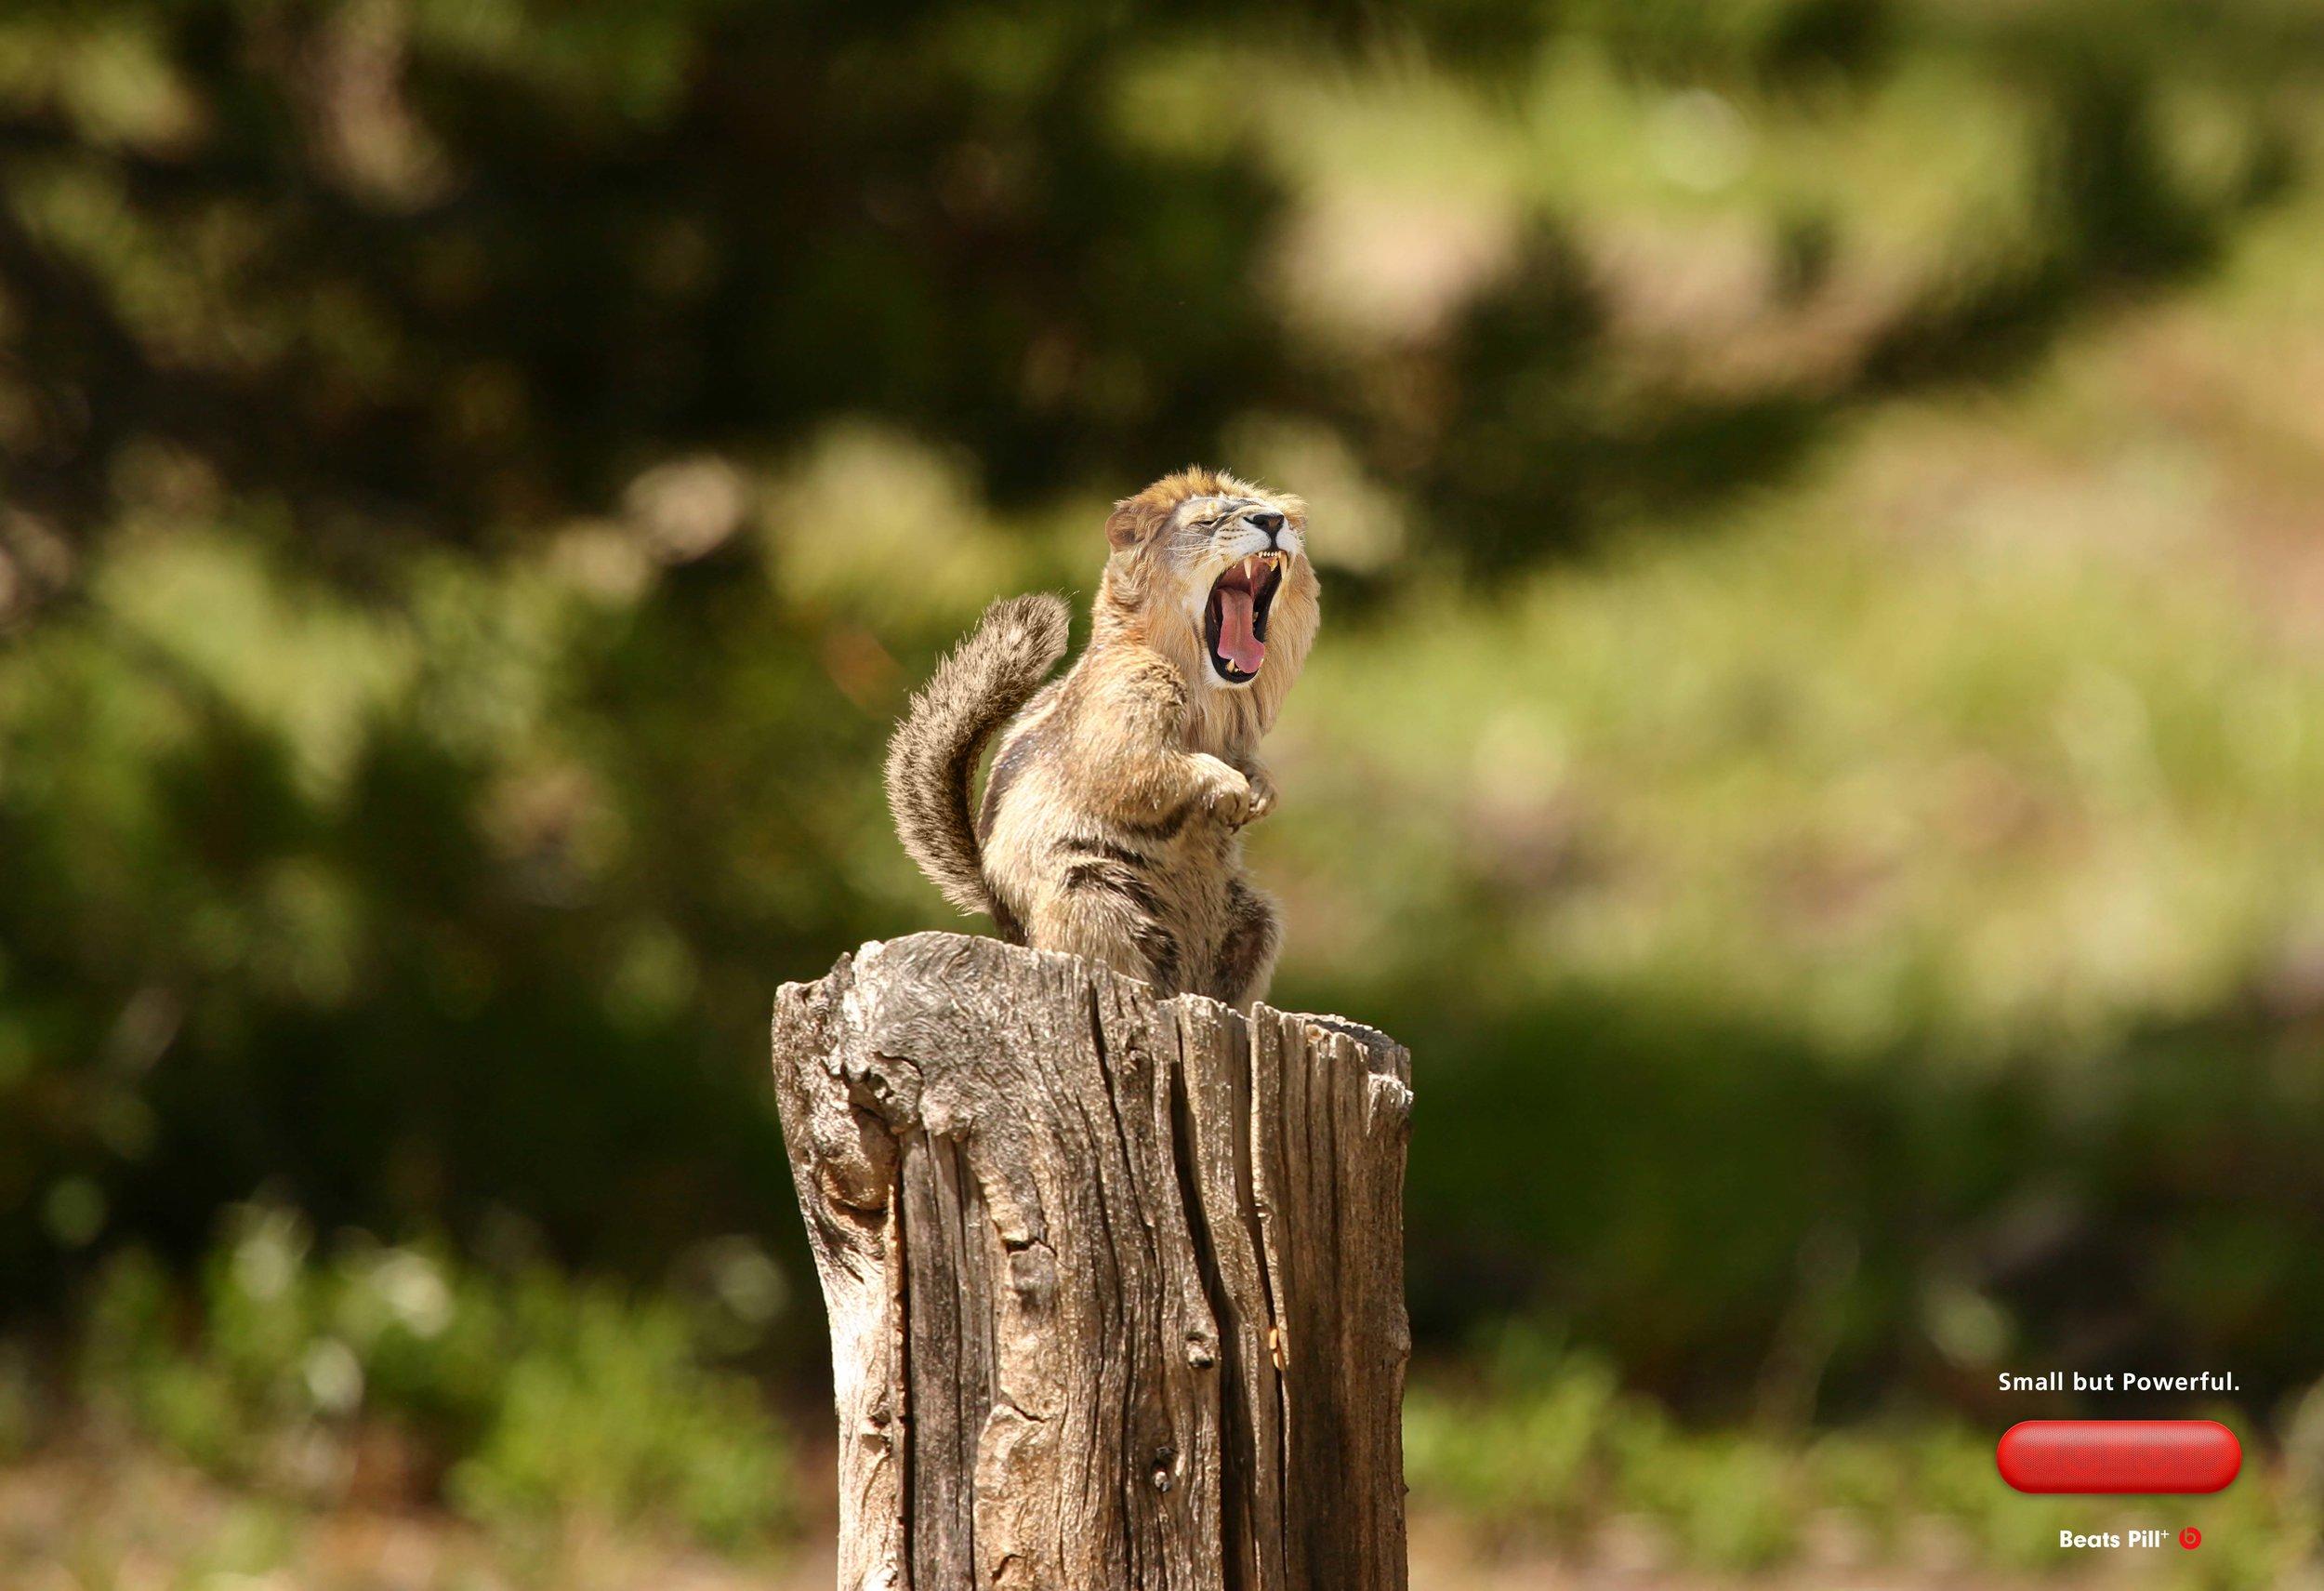 beatspill_squirrel (1).jpg